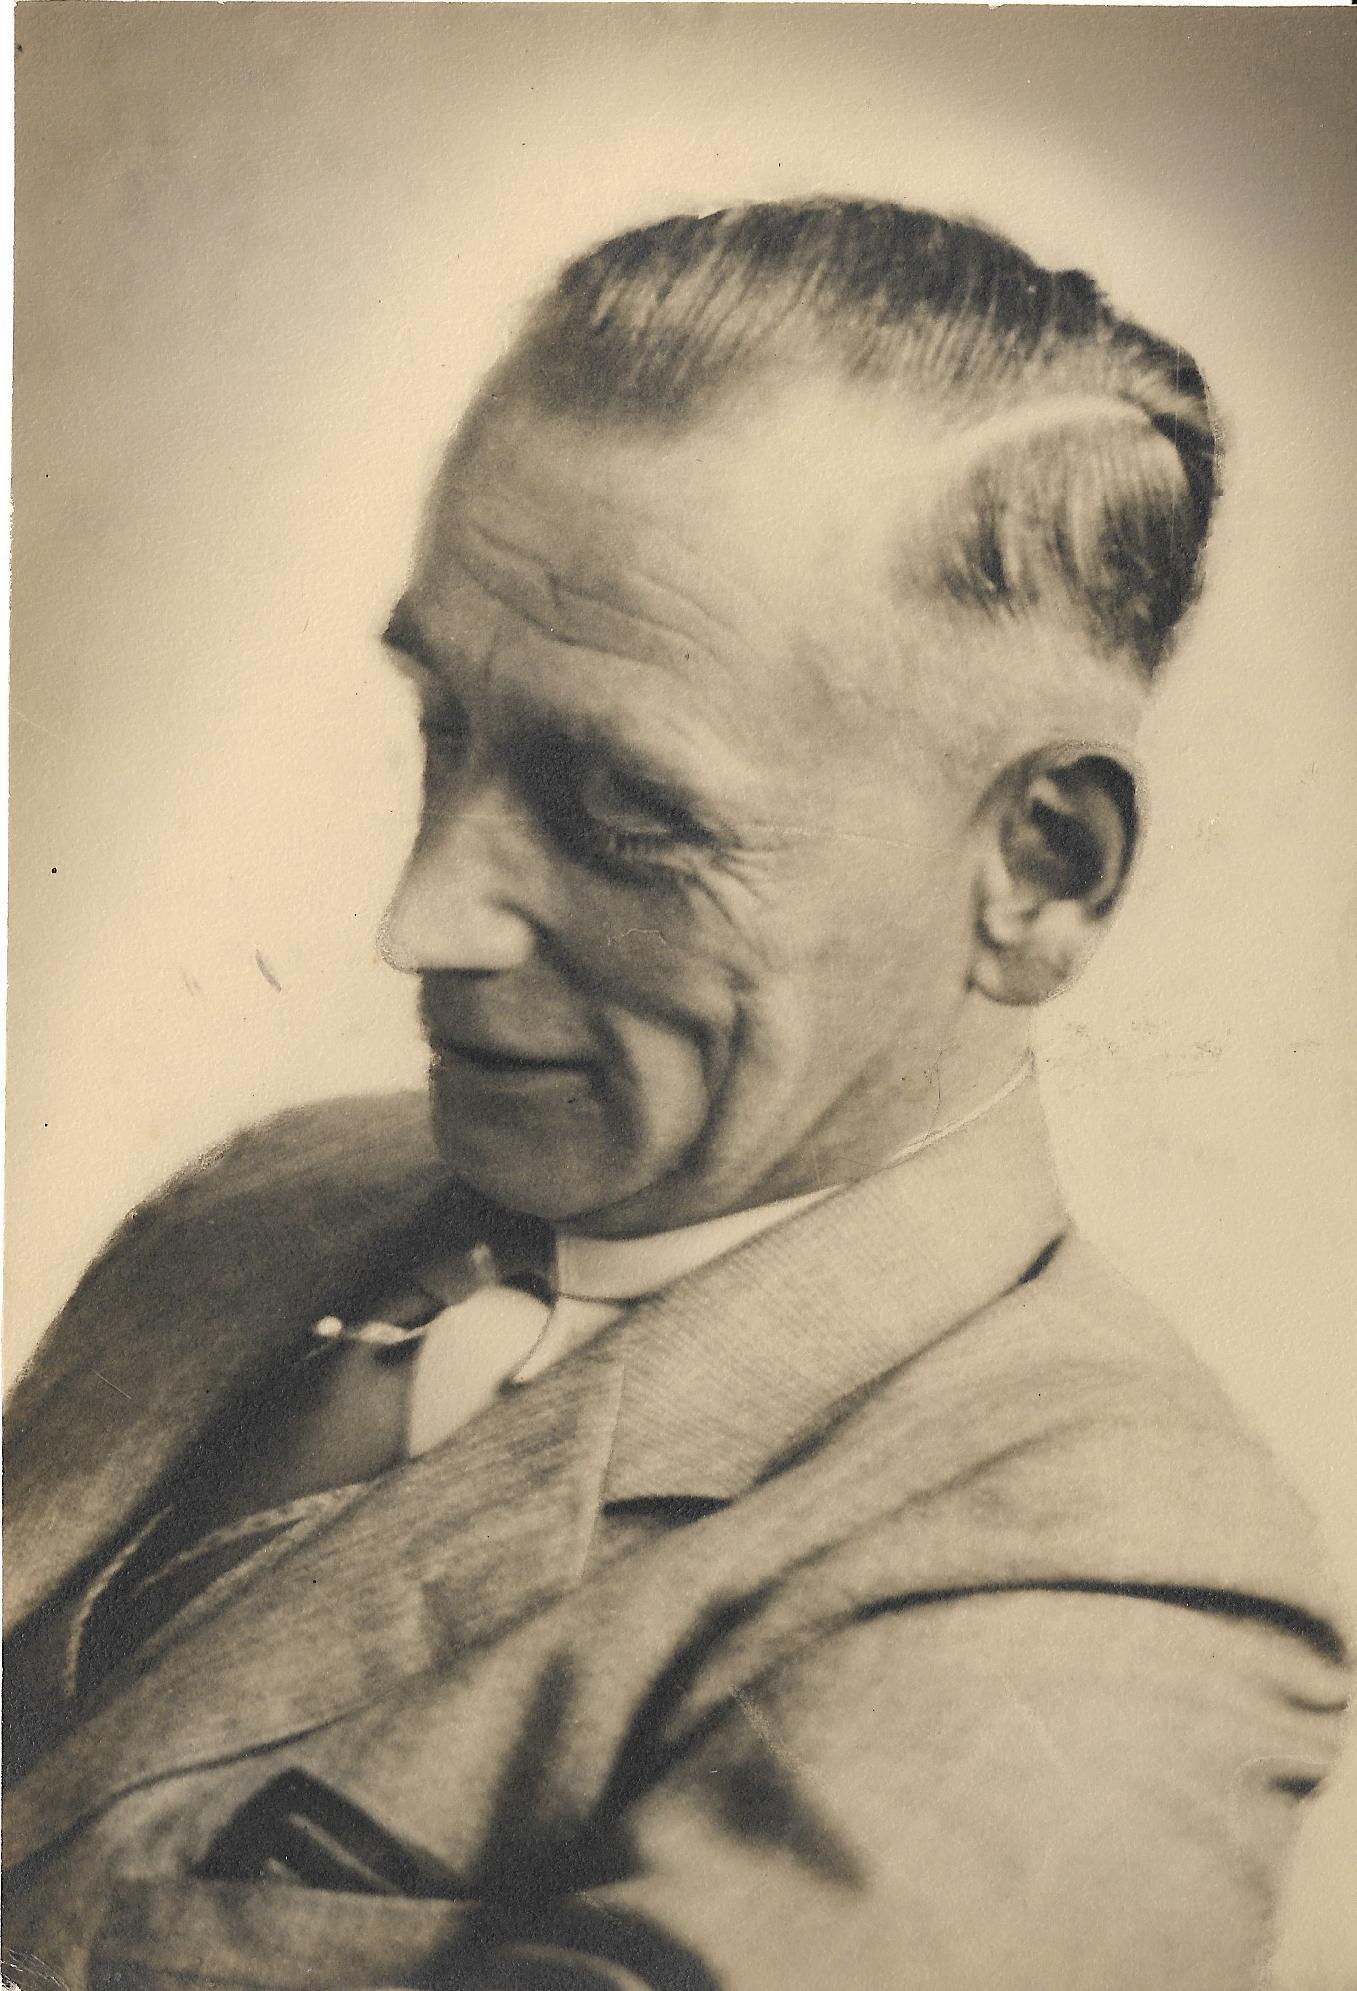 Teunis Vergeer, juli 1943